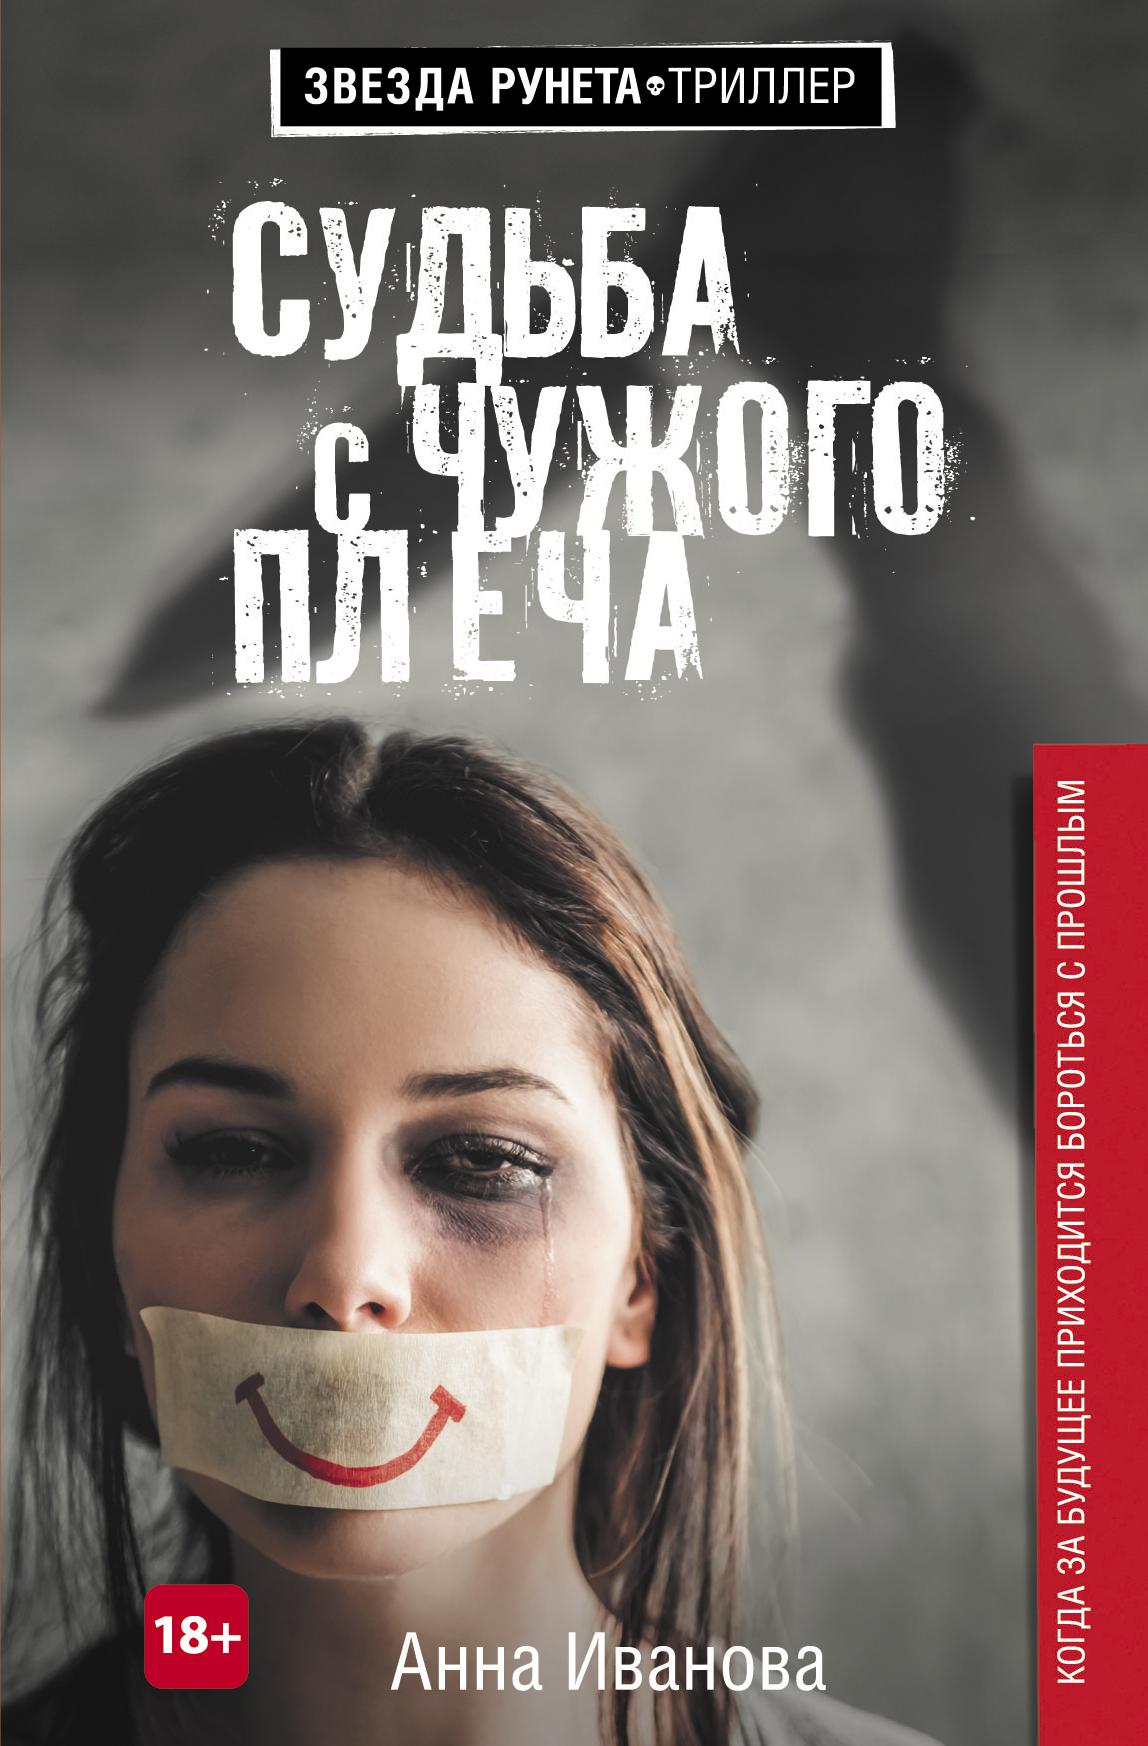 Анна Иванова Судьба с чужого плеча анна иванова судьба счужого плеча